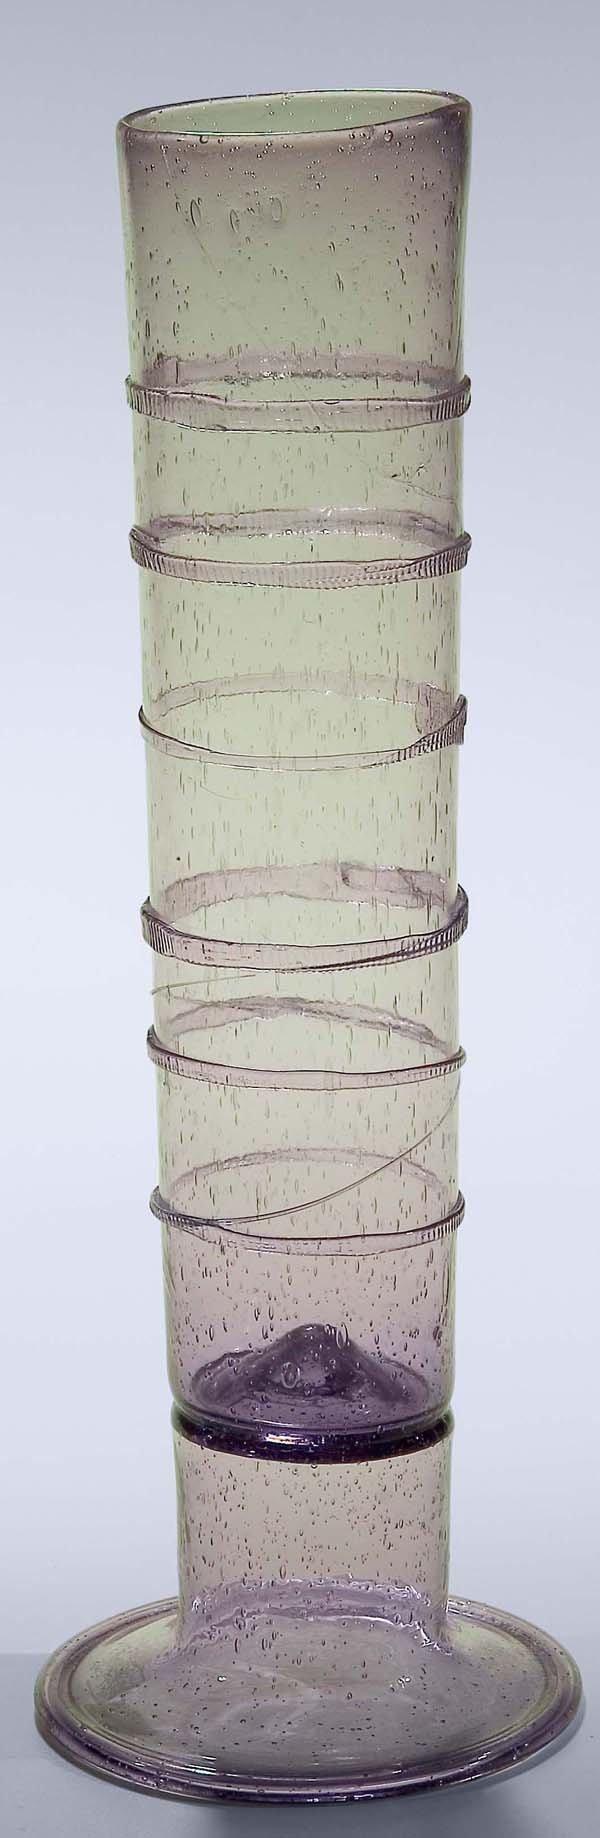 1014: Bedeutendes Stangenglas